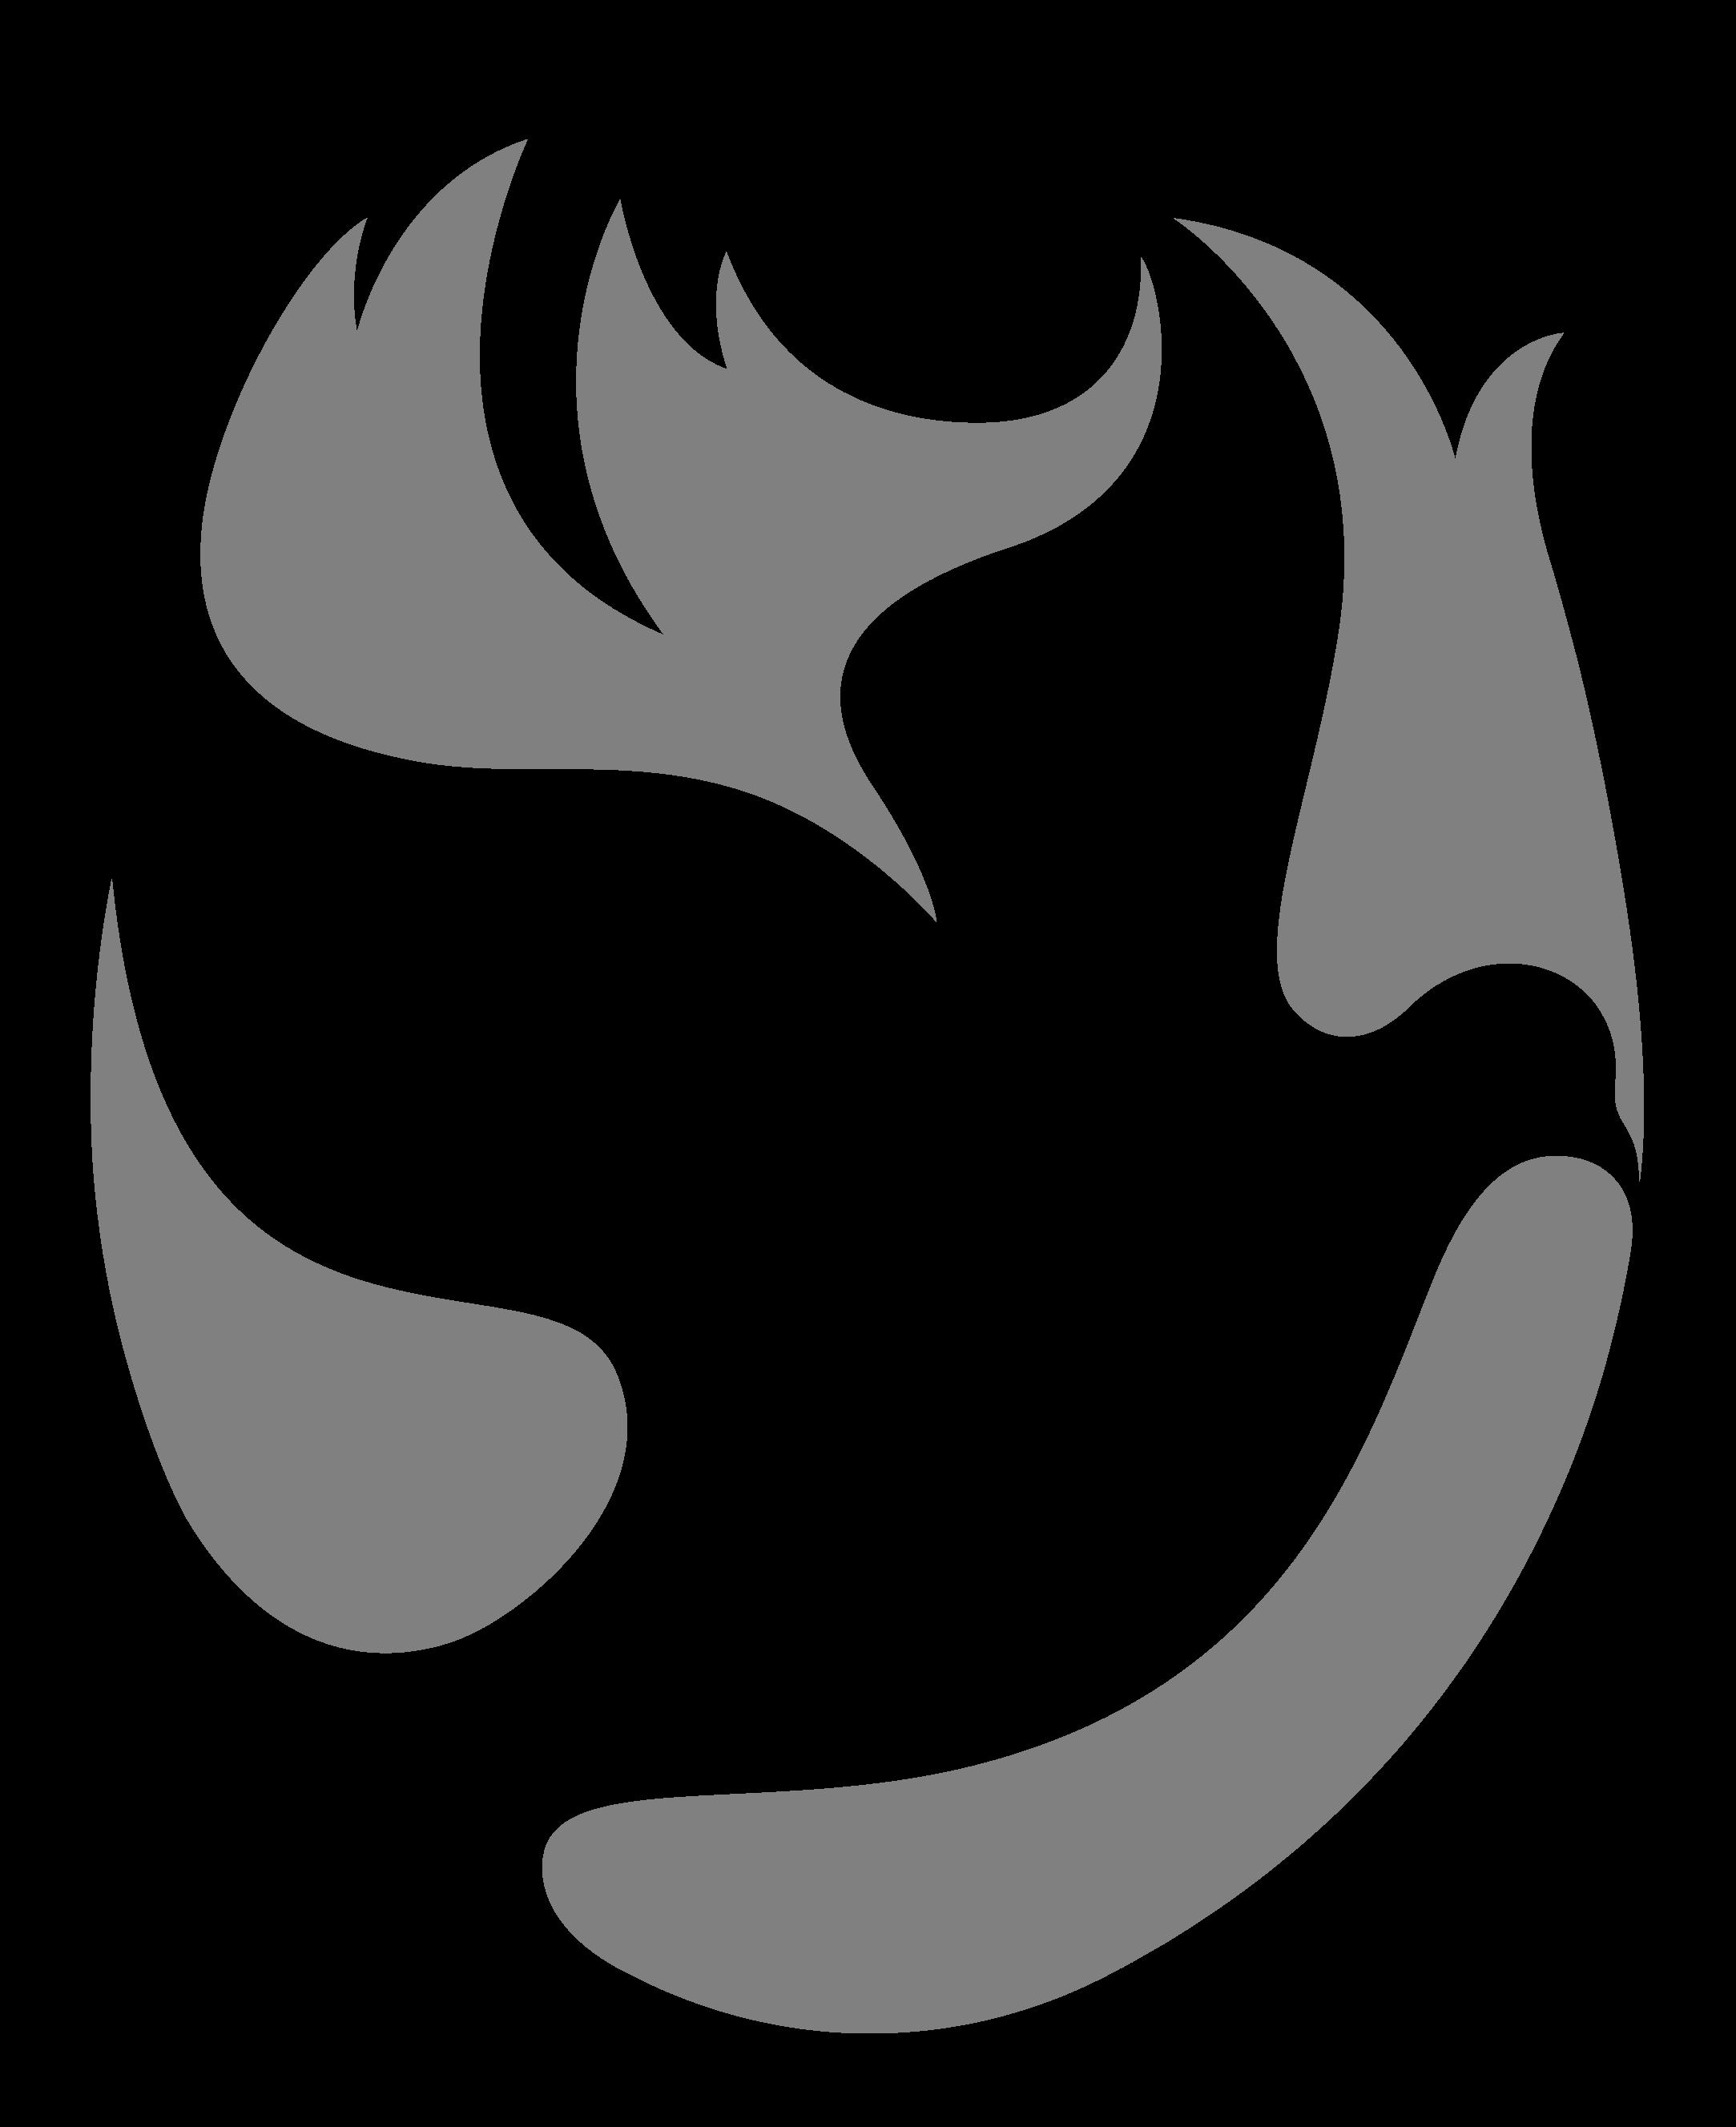 logo gray no outline